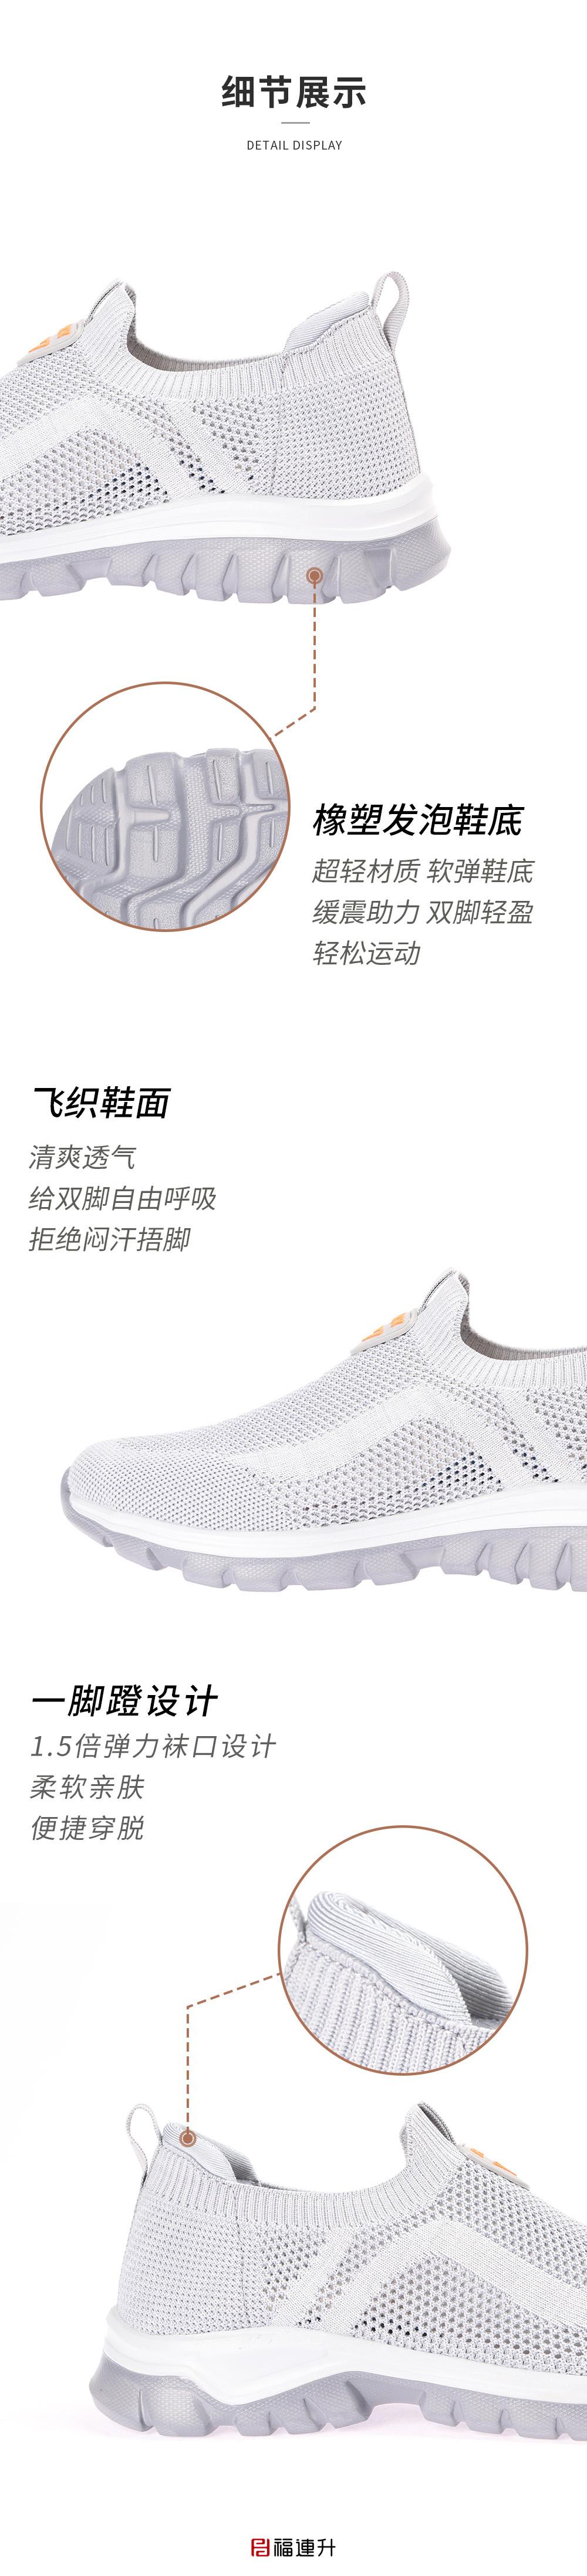 福连升夏款男士飞织大网透气运动凉鞋老北京布鞋图片